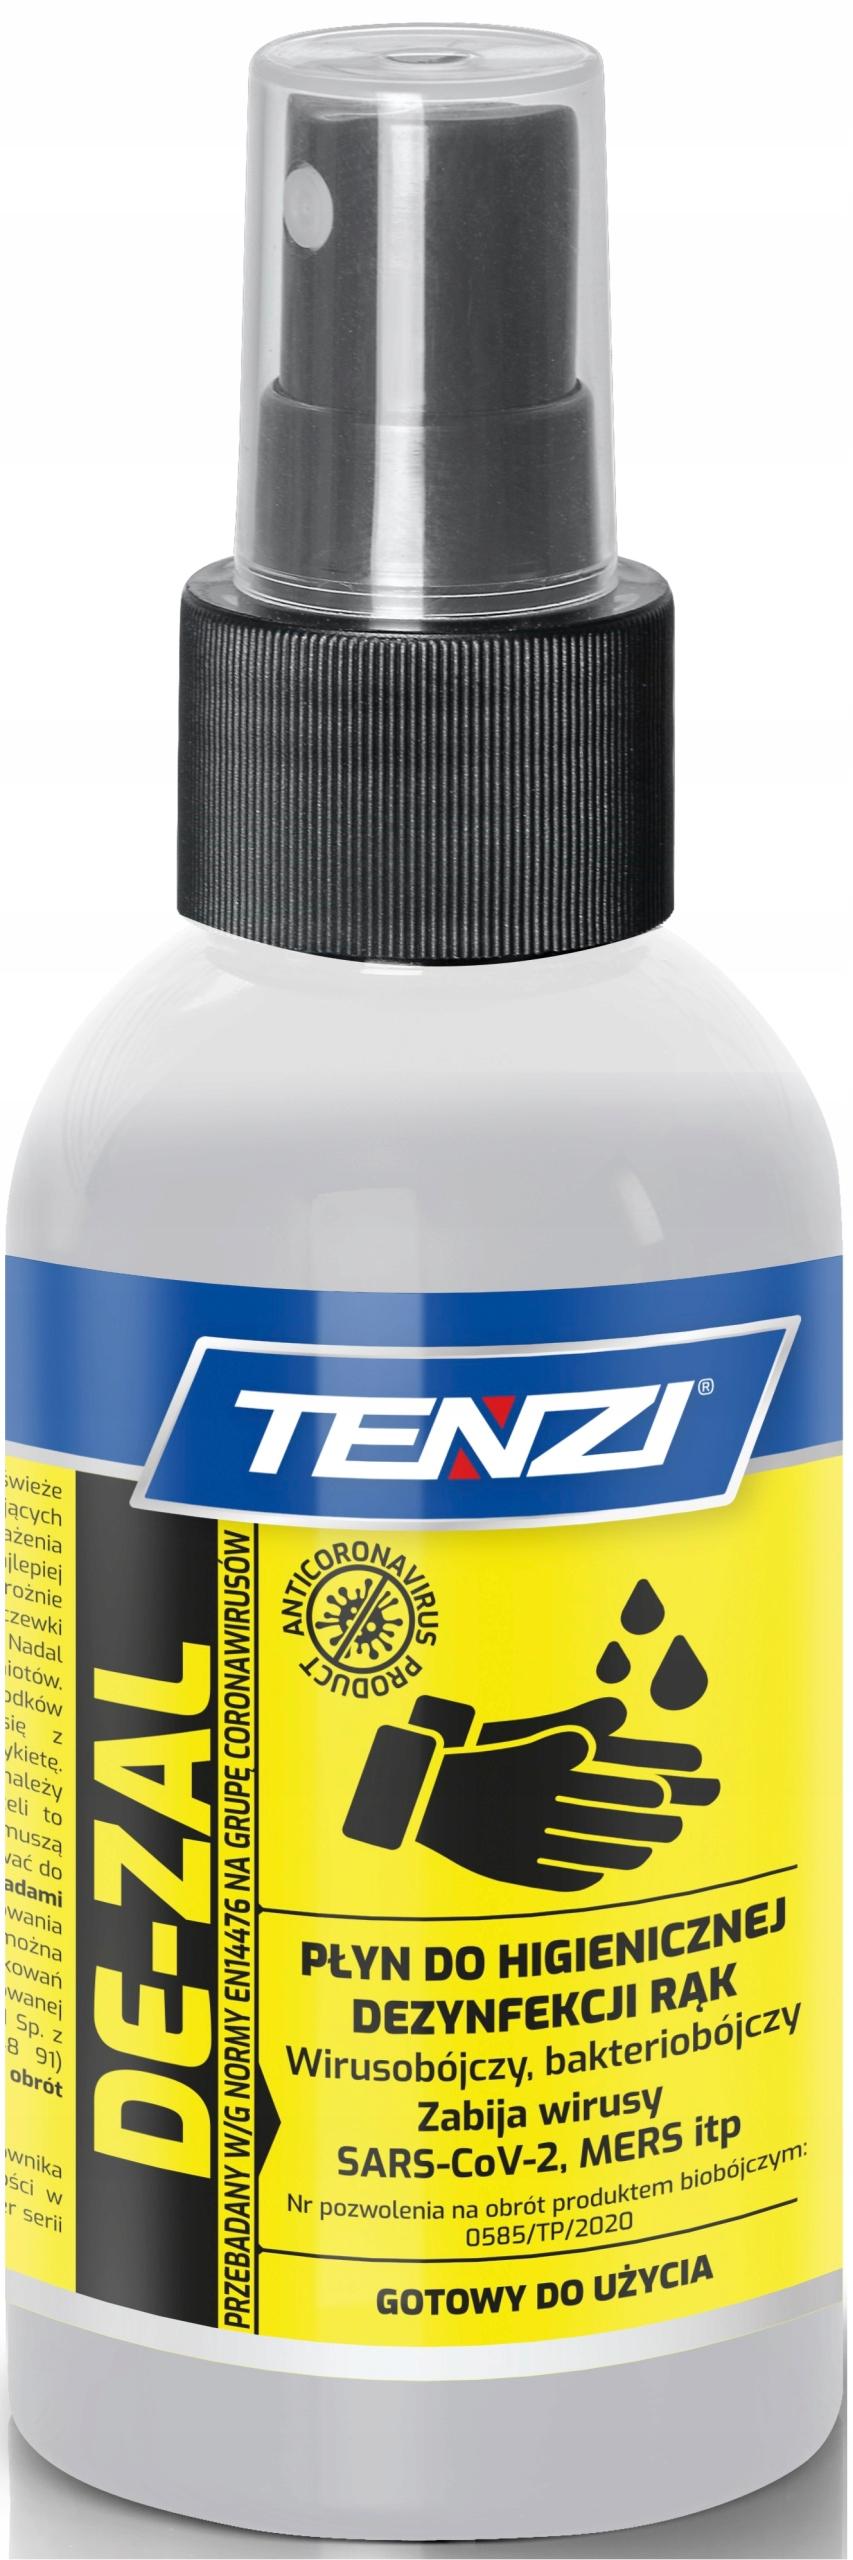 Tenzi De-zal Жидкость для гигиенической дезинфекции рук